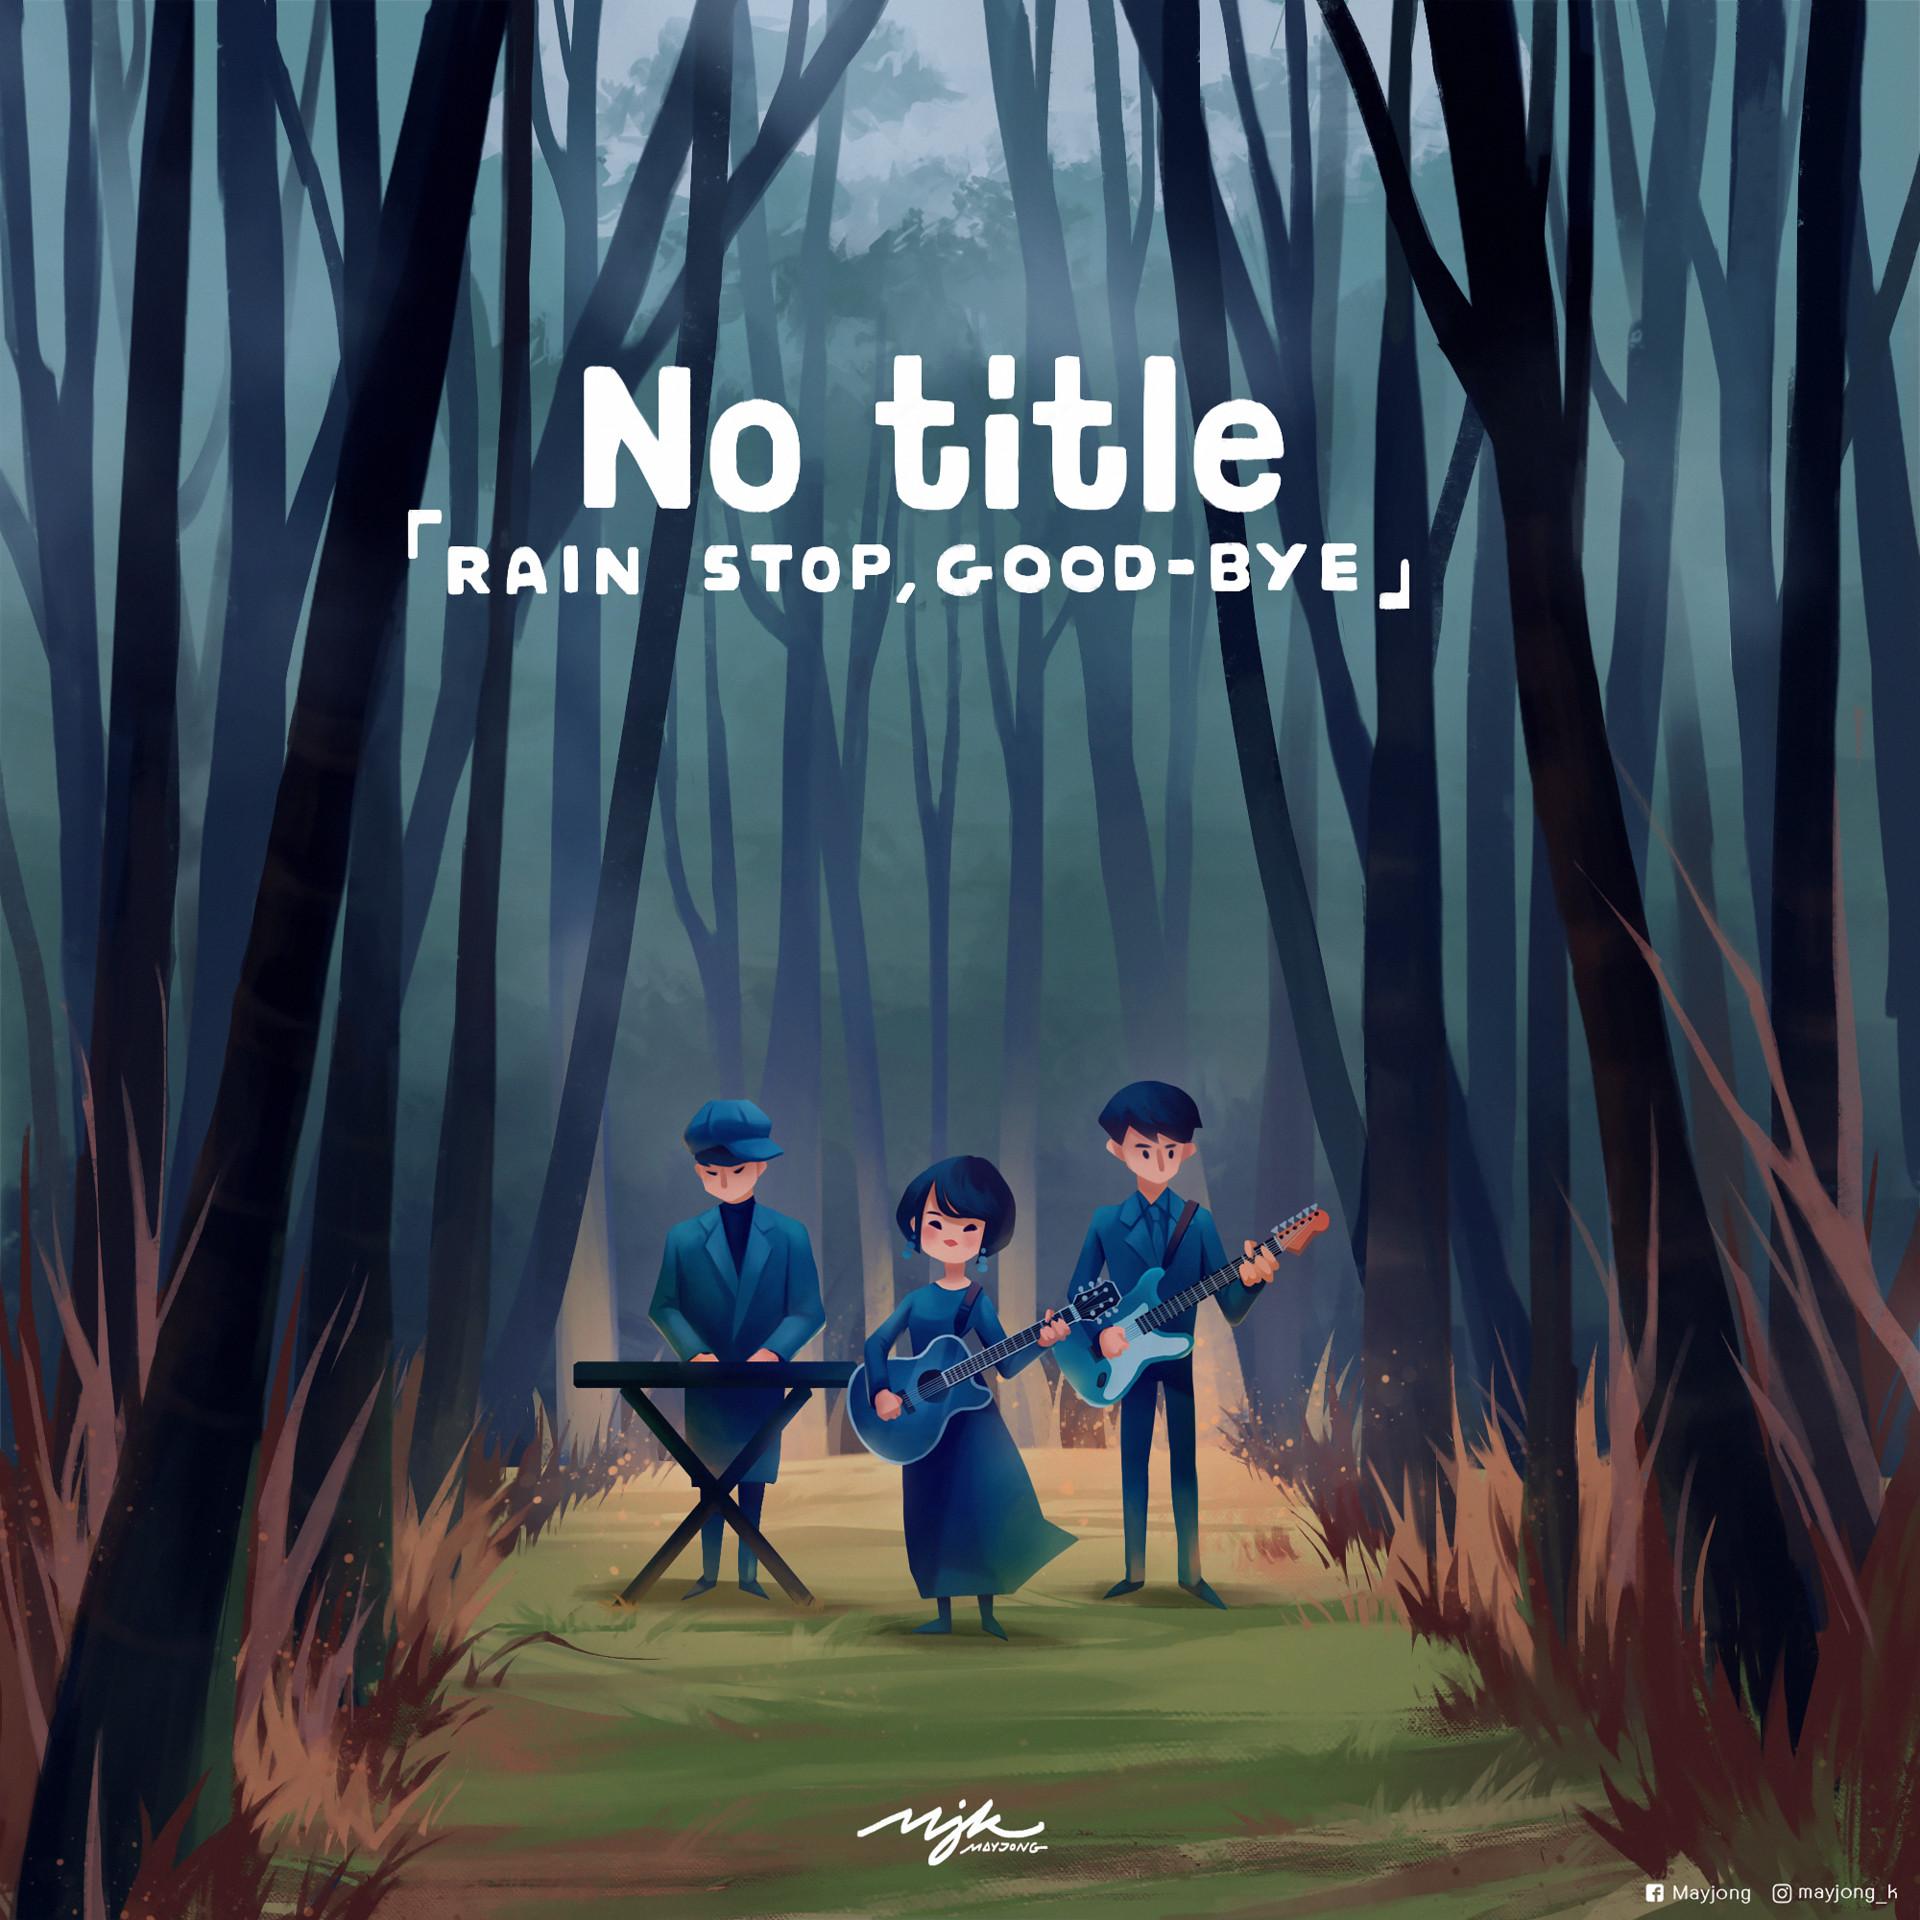 May Jongkochakorn - No title 「rain stops, good-bye」